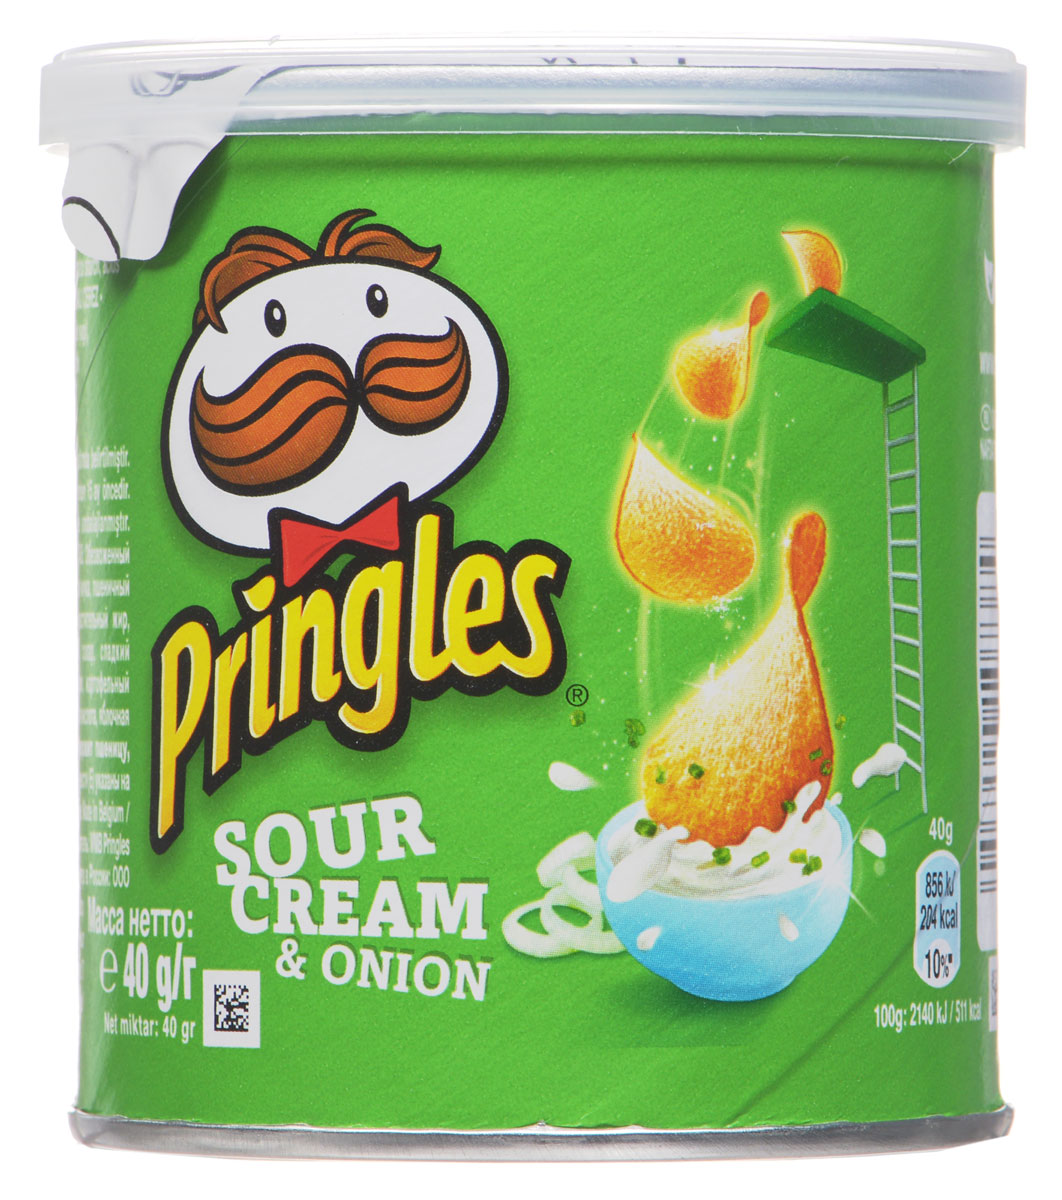 Pringles картофельные чипсы со вкусом сметаны и лука, 40 г